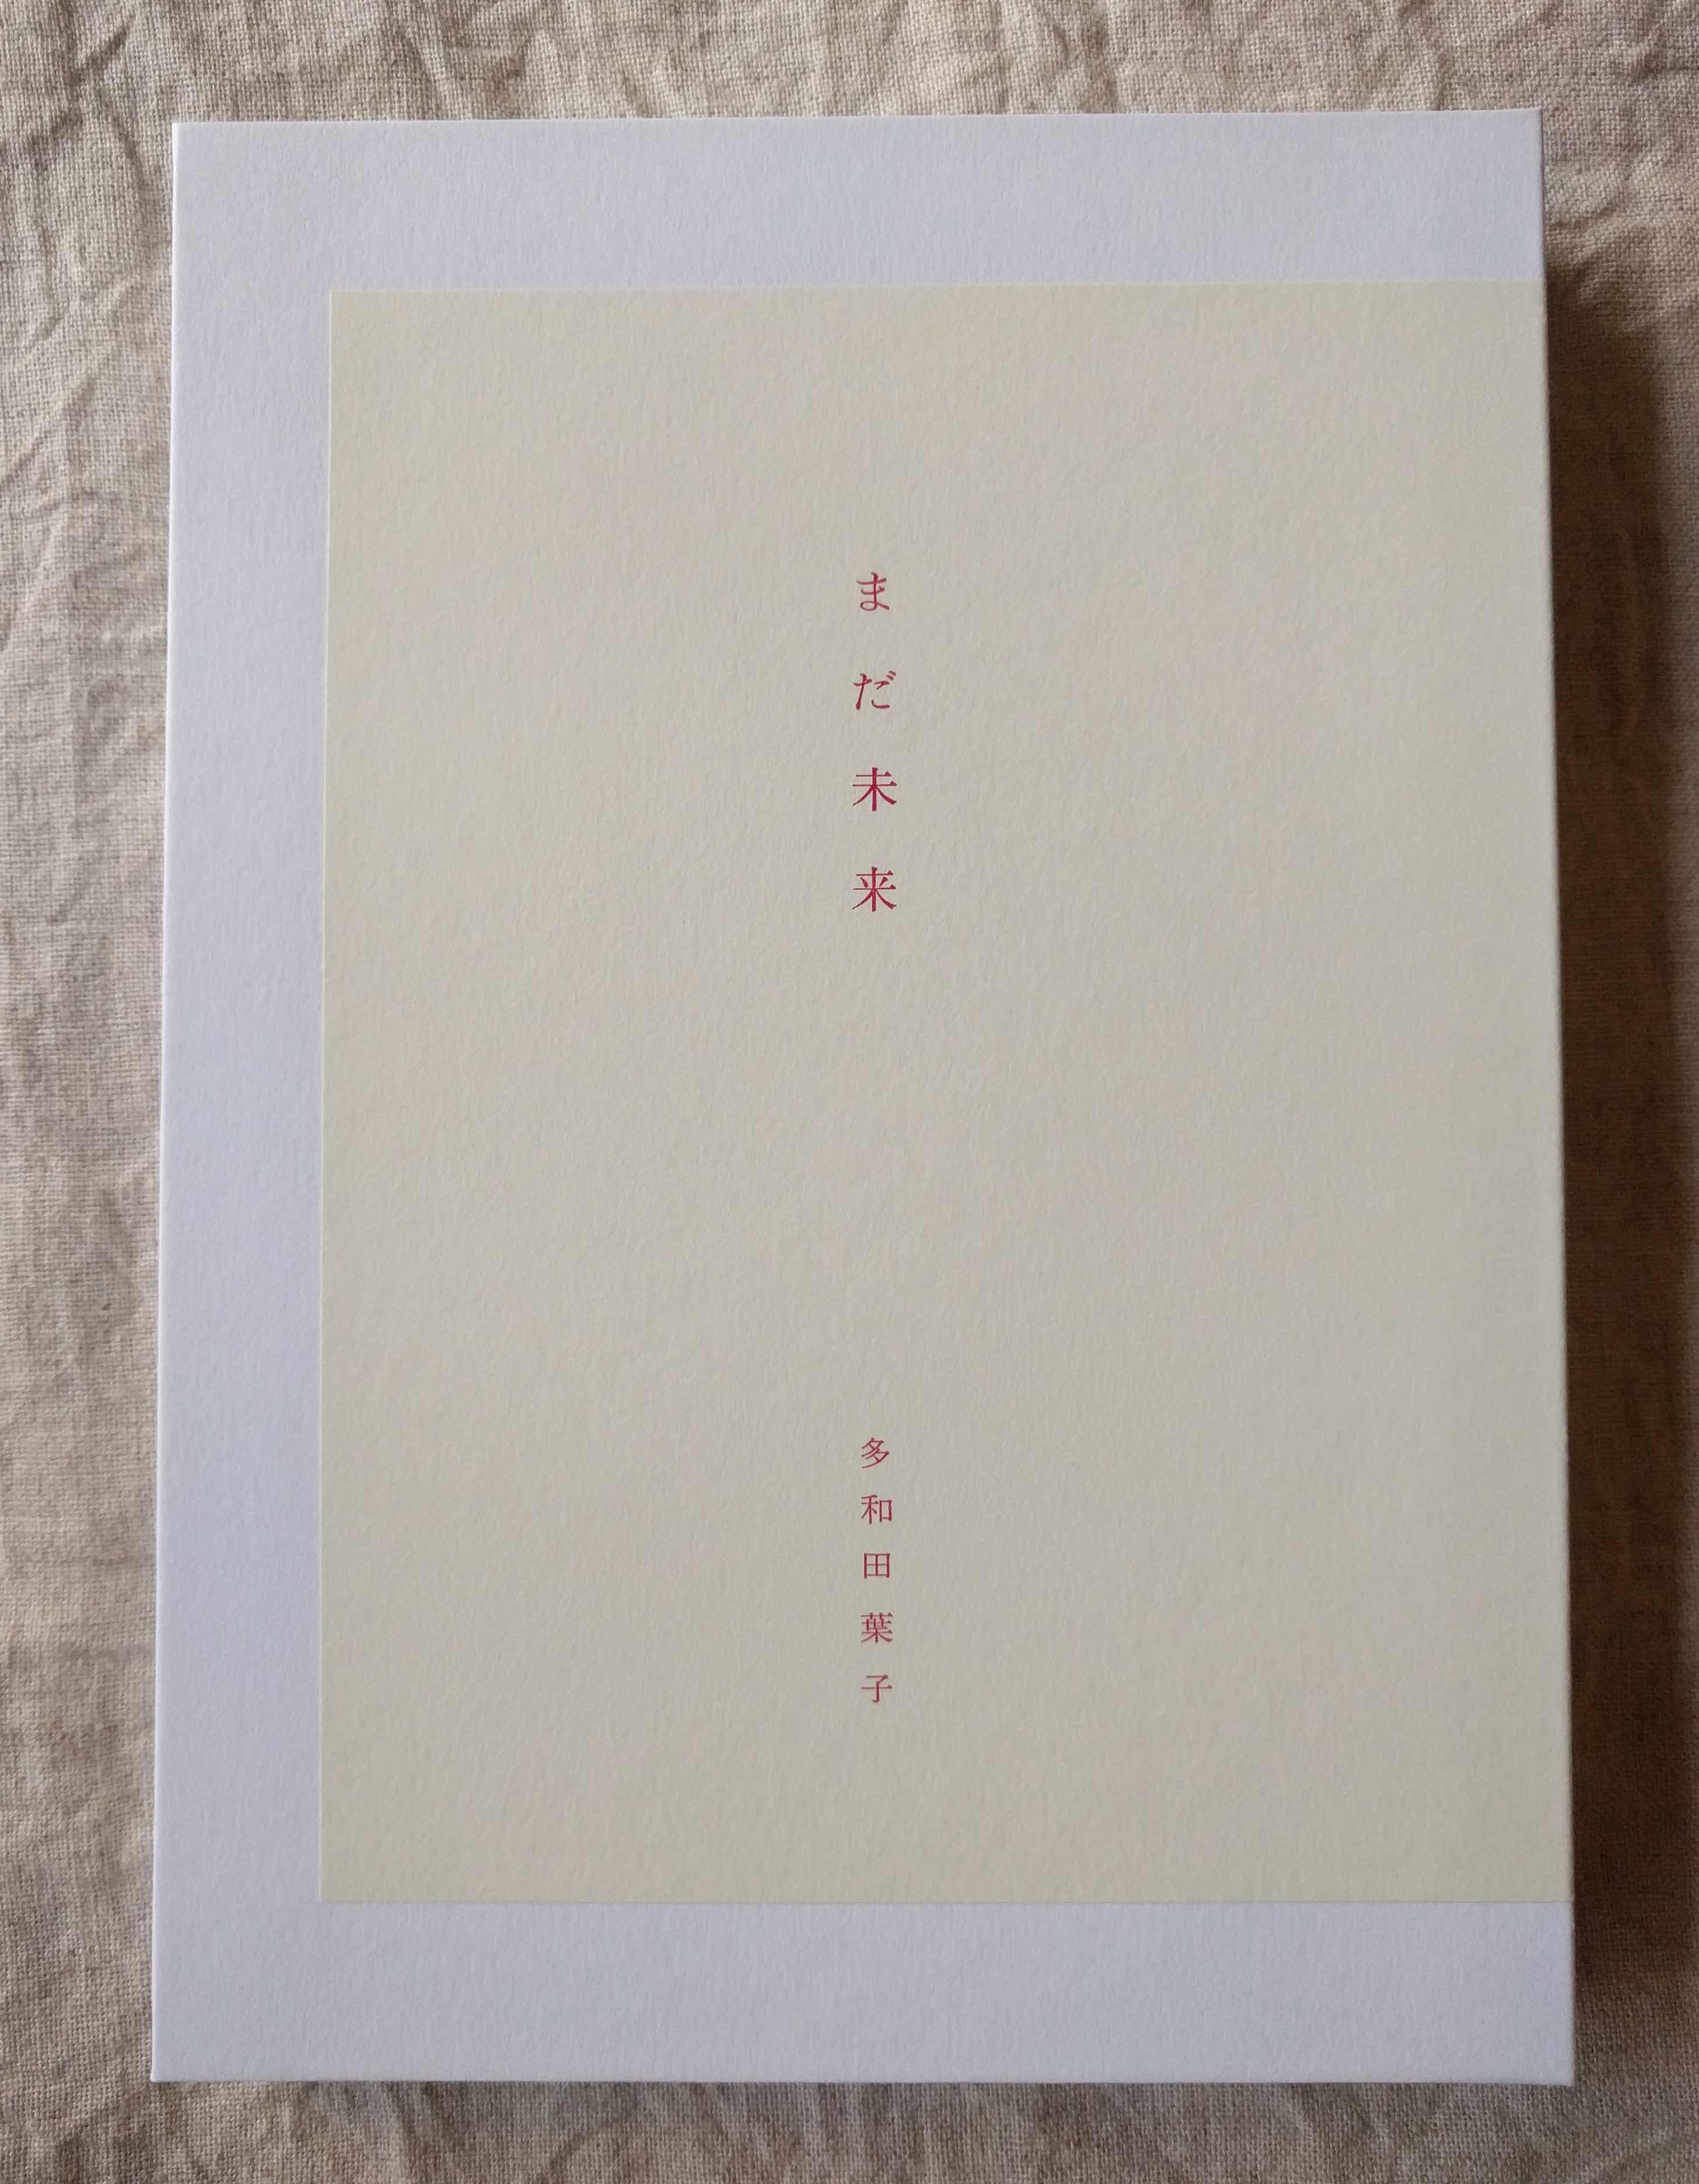 多和田葉子さんの詩集「まだ未来」_a0265743_20322816.jpg